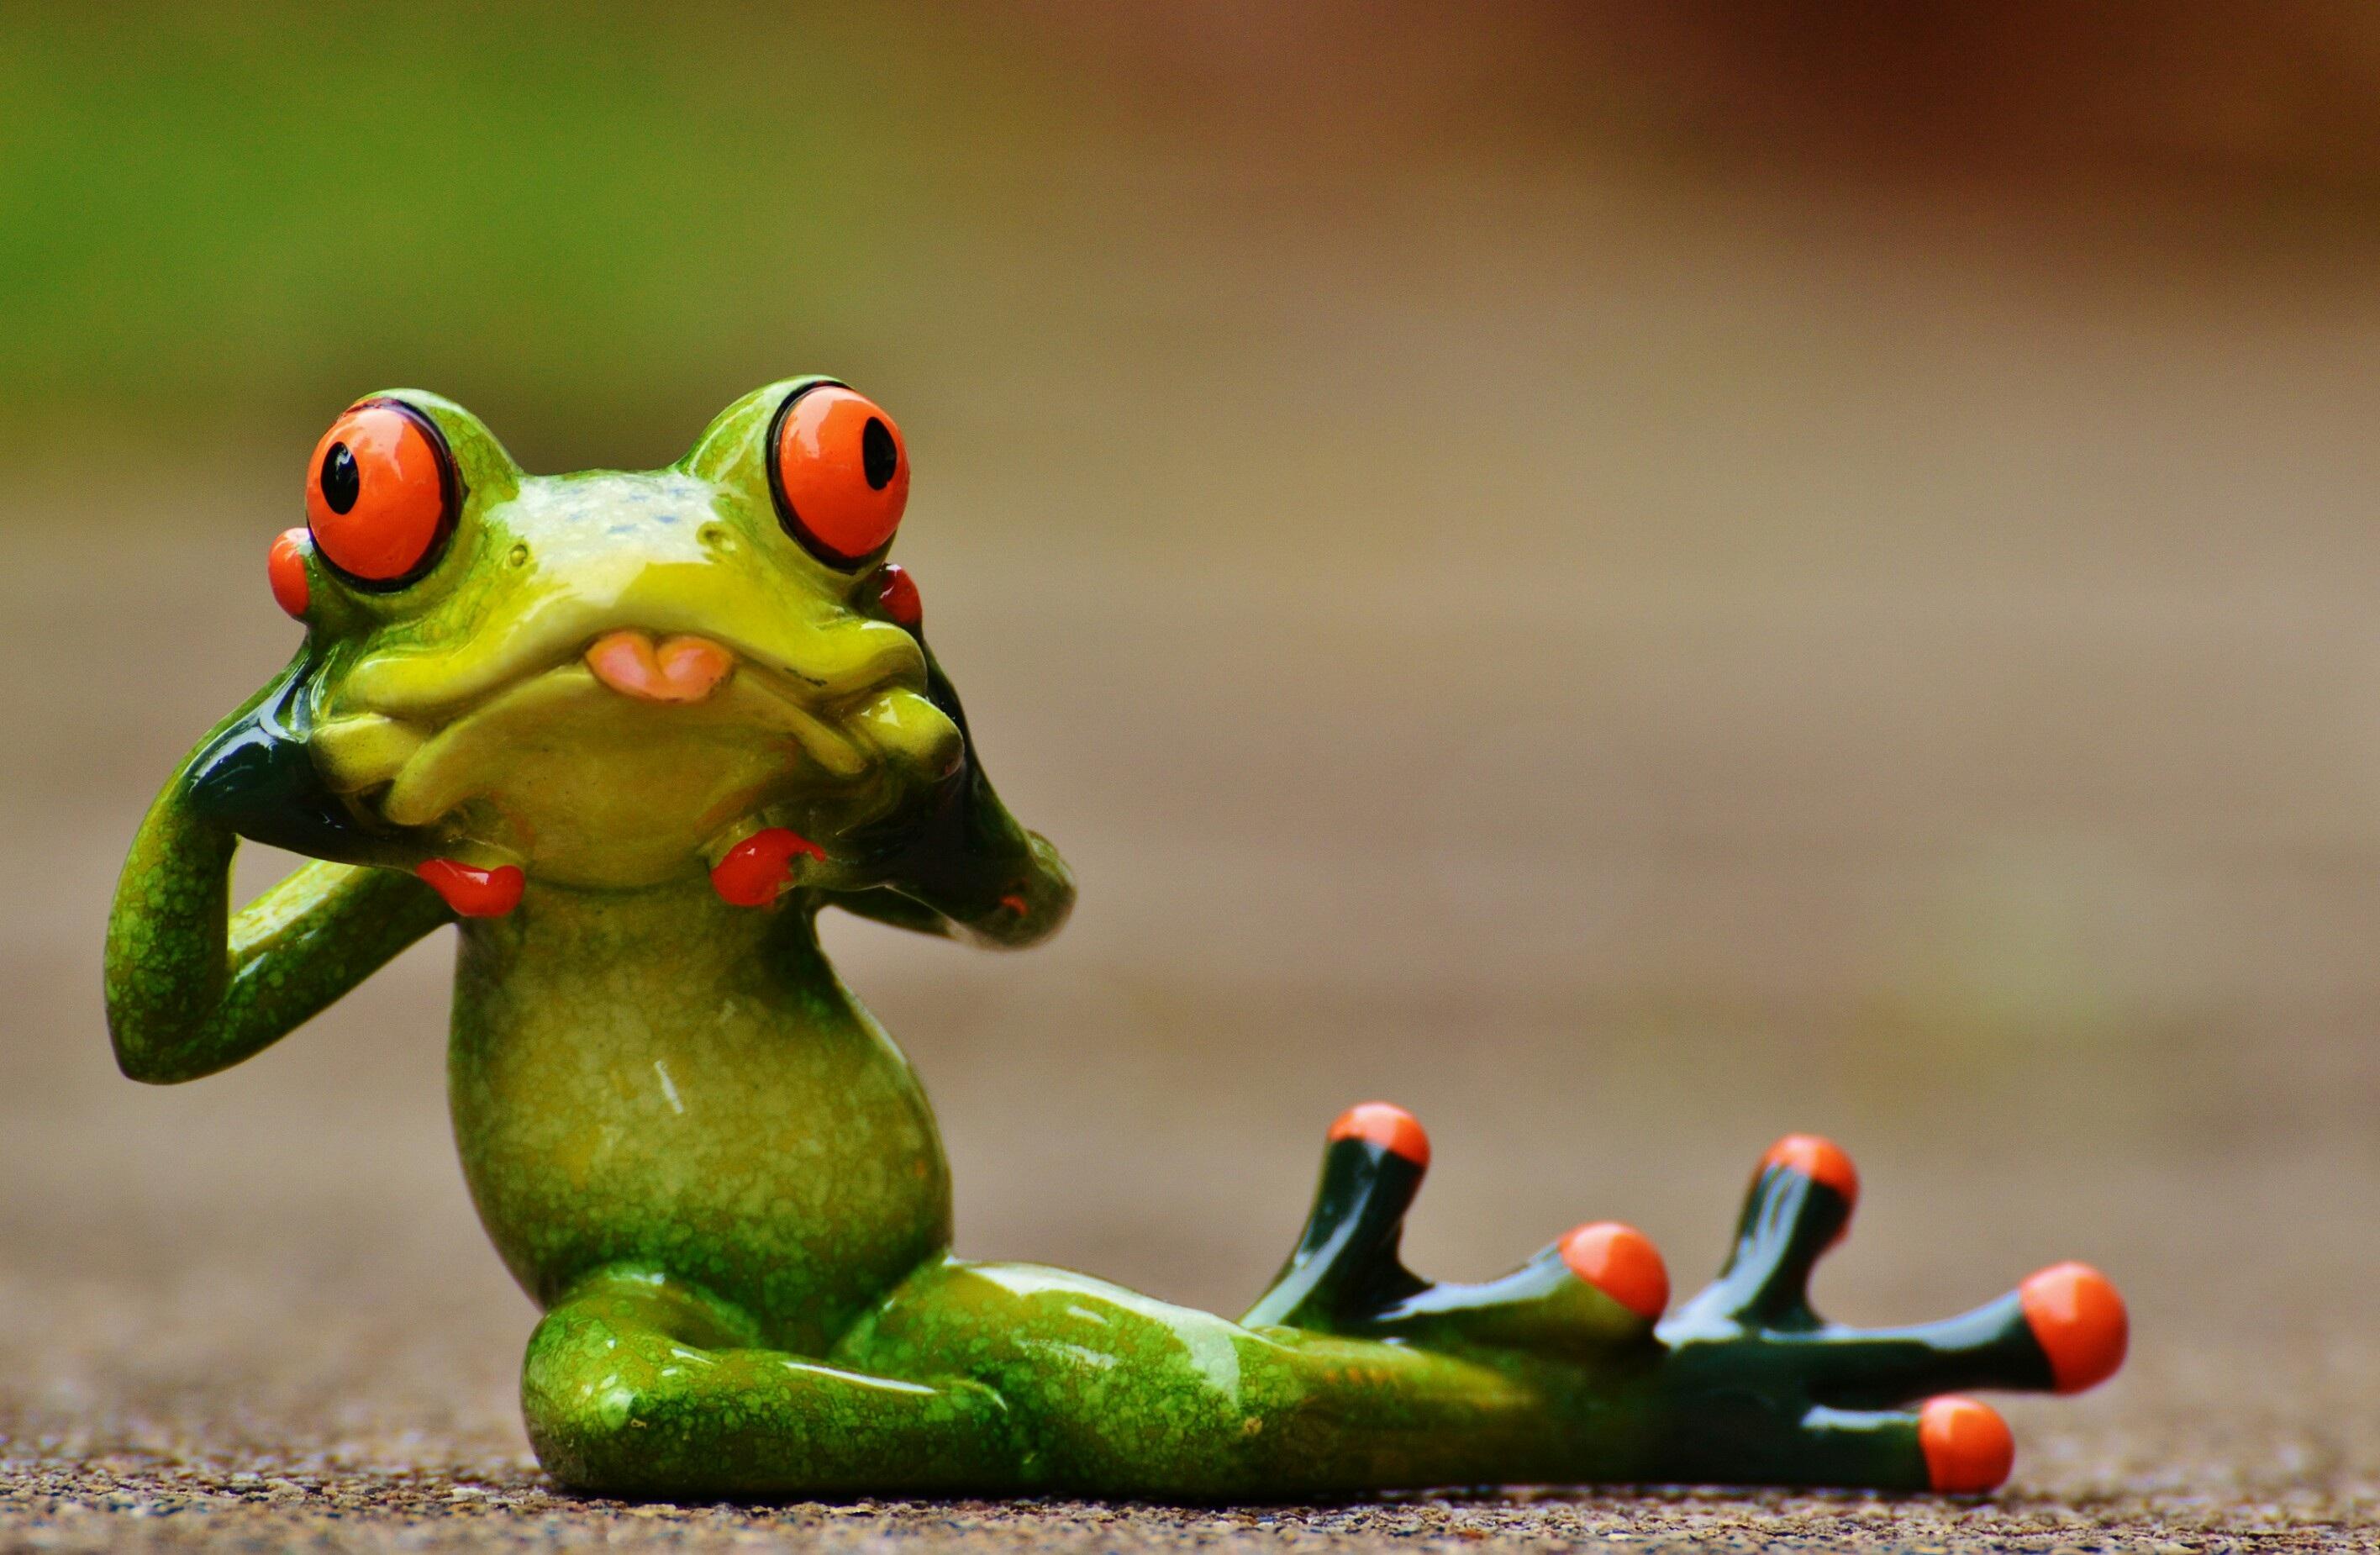 расскажите, картинки красивые с лягушками так сложно